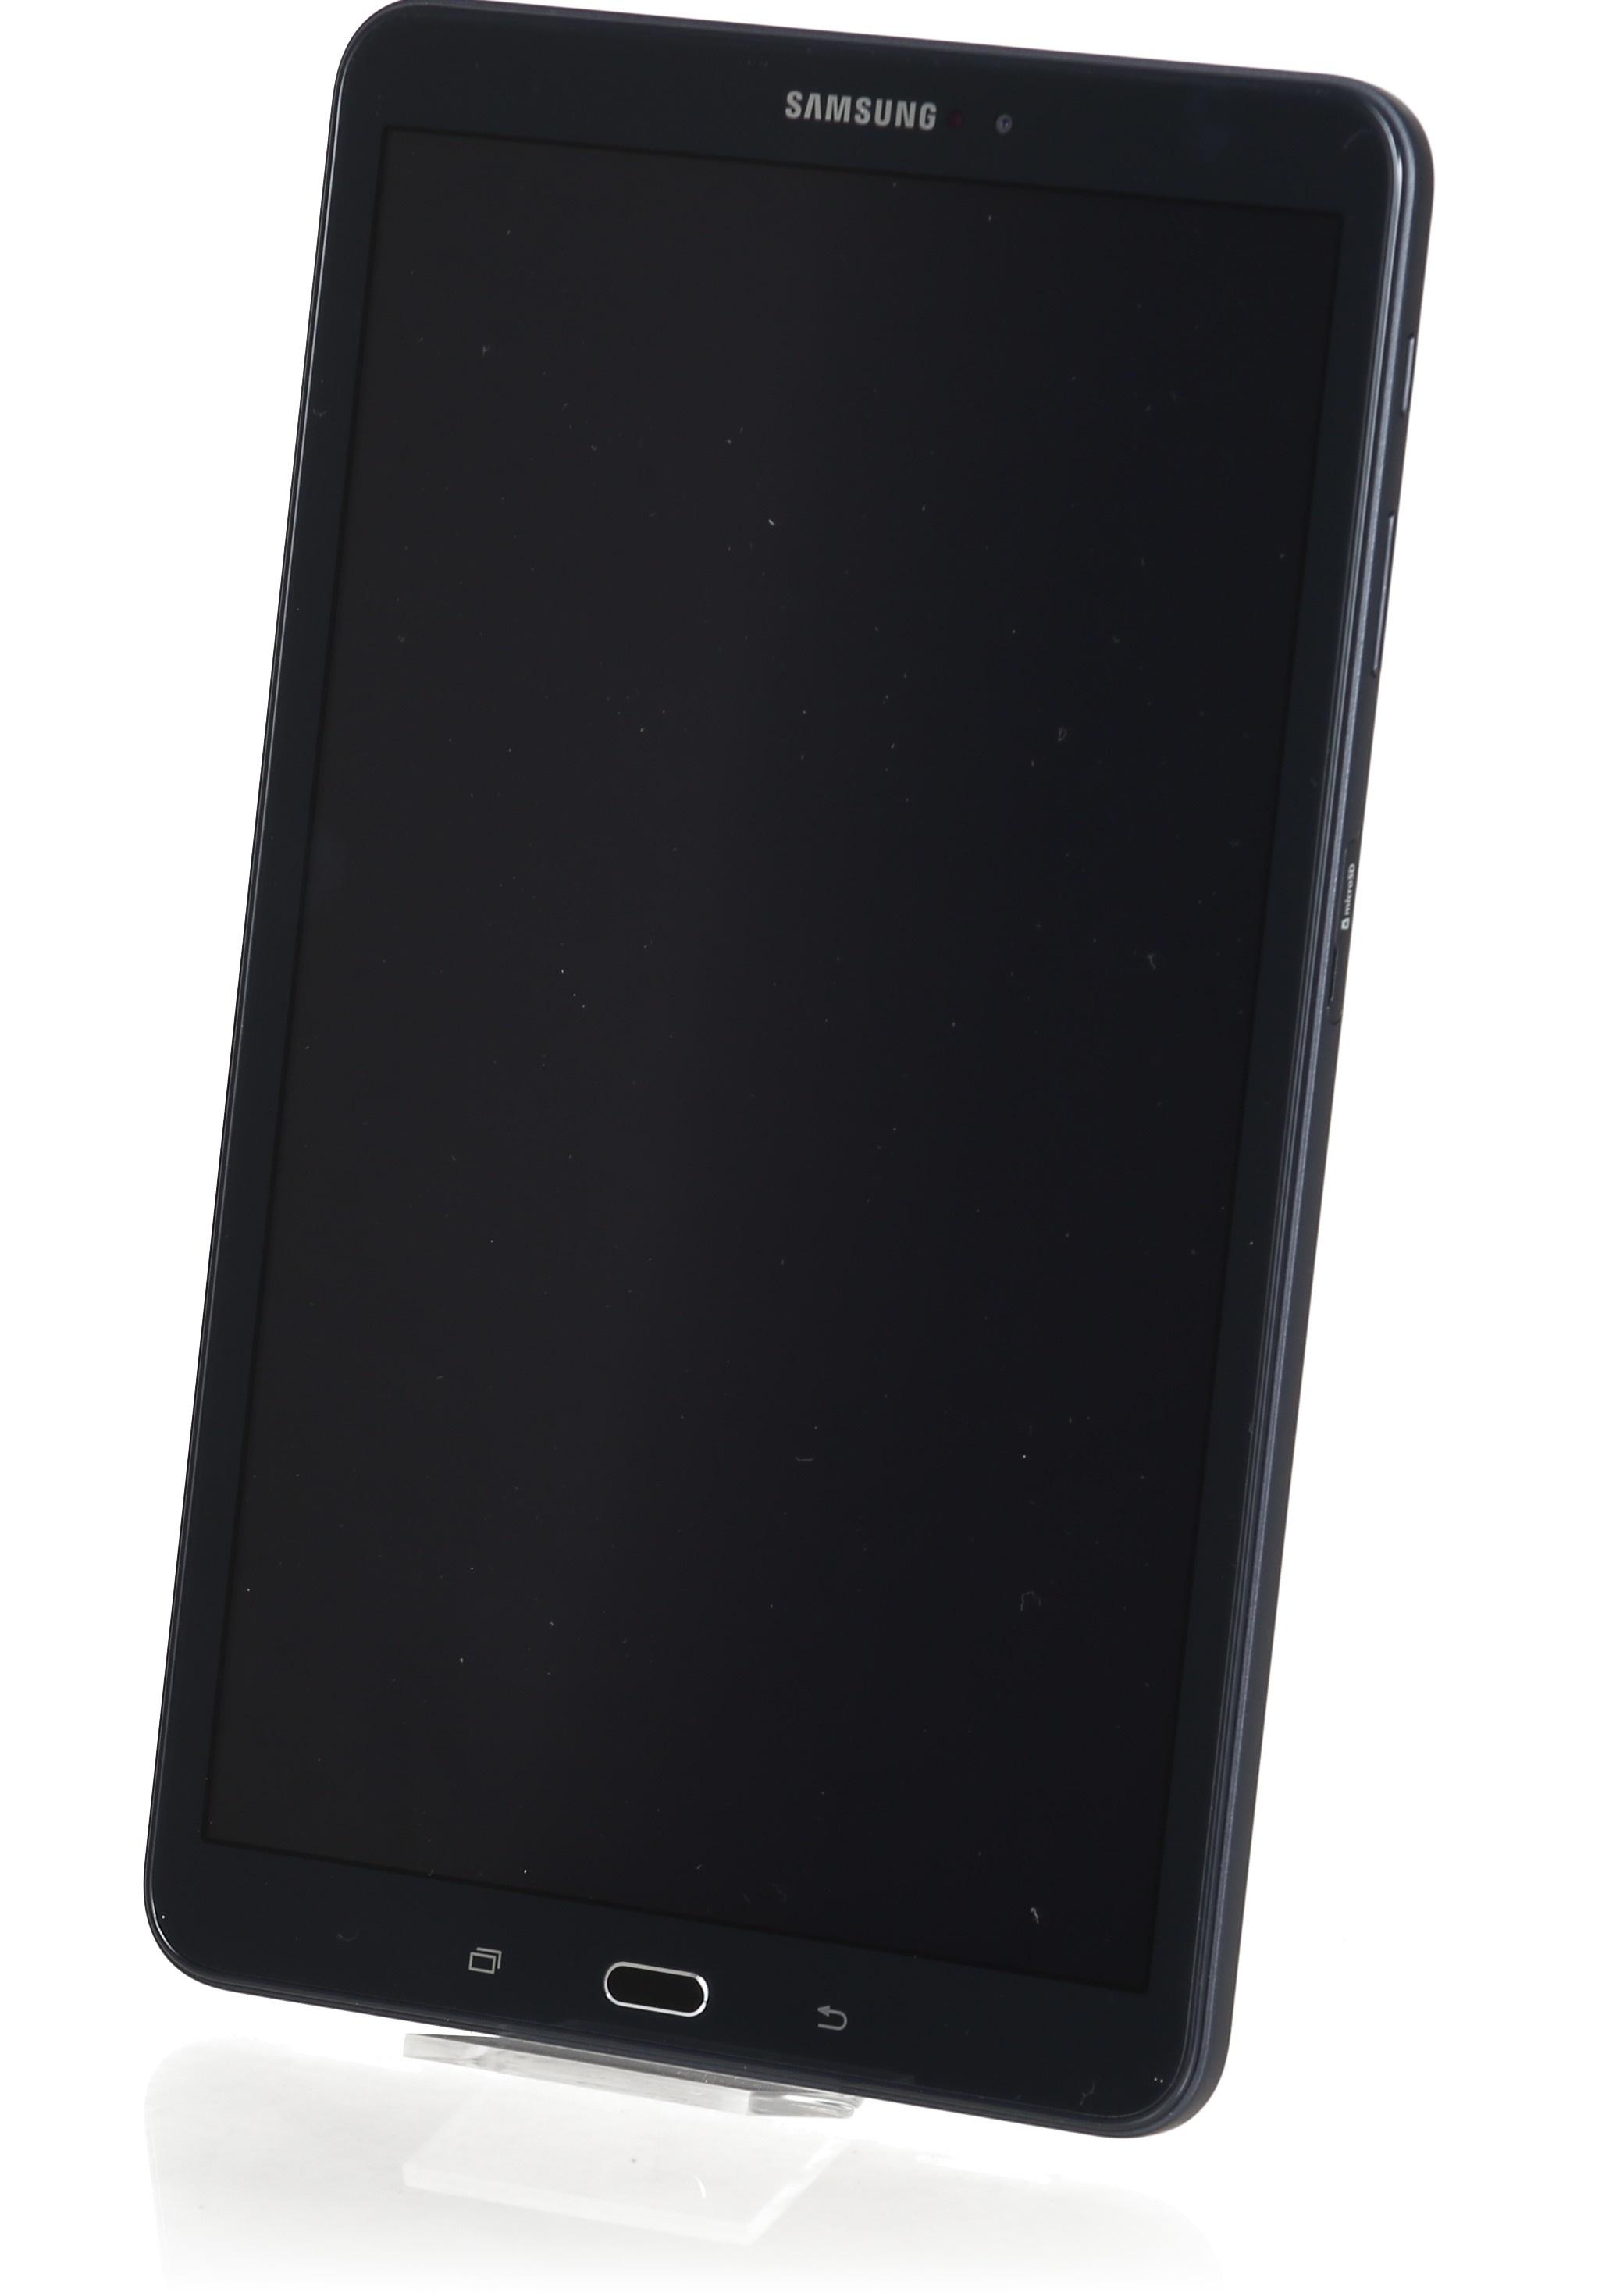 Samsung Galaxy Tab A 10.1 10,1 32GB [Wi-Fi] schwarz